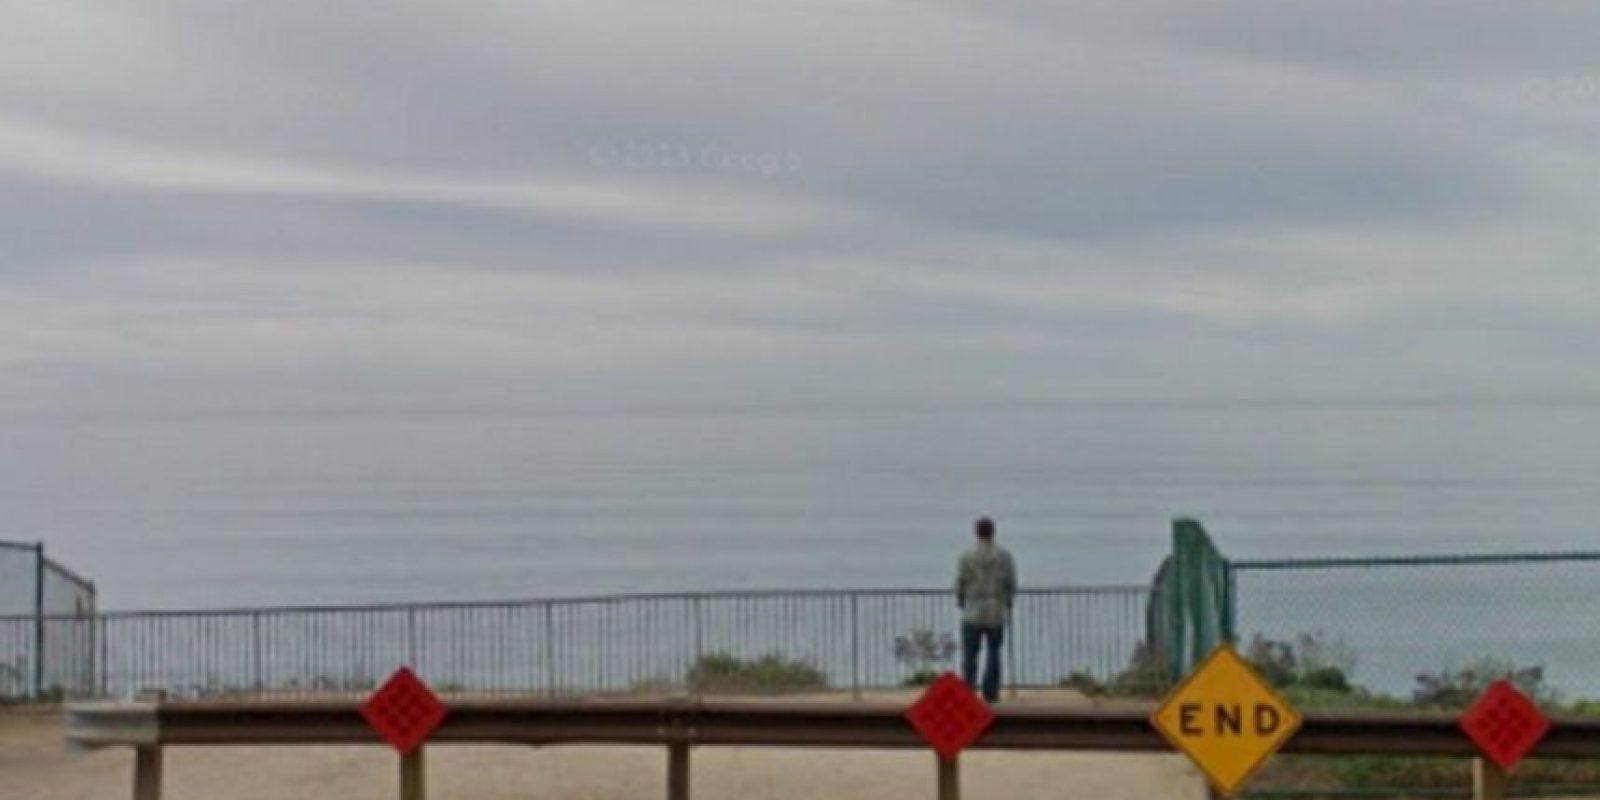 Este es el acantilado donde cayeron los hombres. Foto:Twitter. Imagen Por: